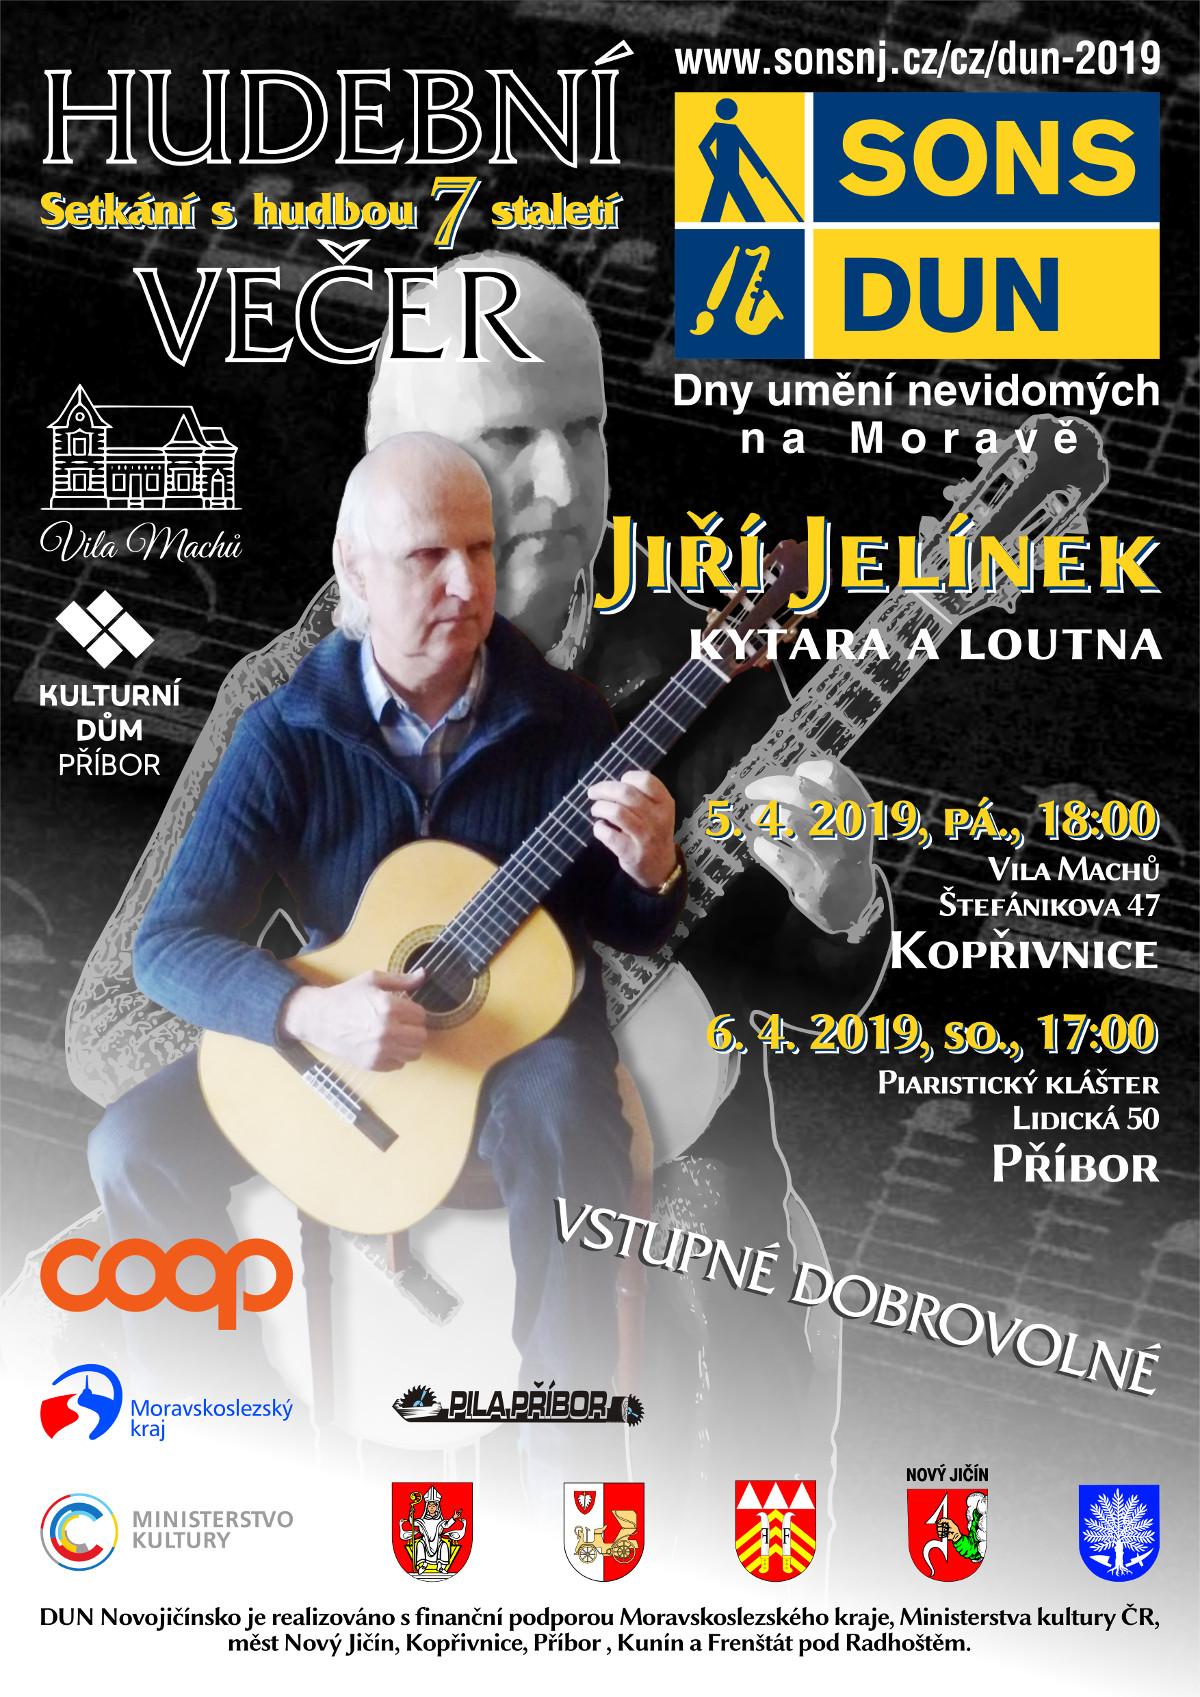 Pozvánka na hudební večery DUN v Kopřivnici a v Příboře.